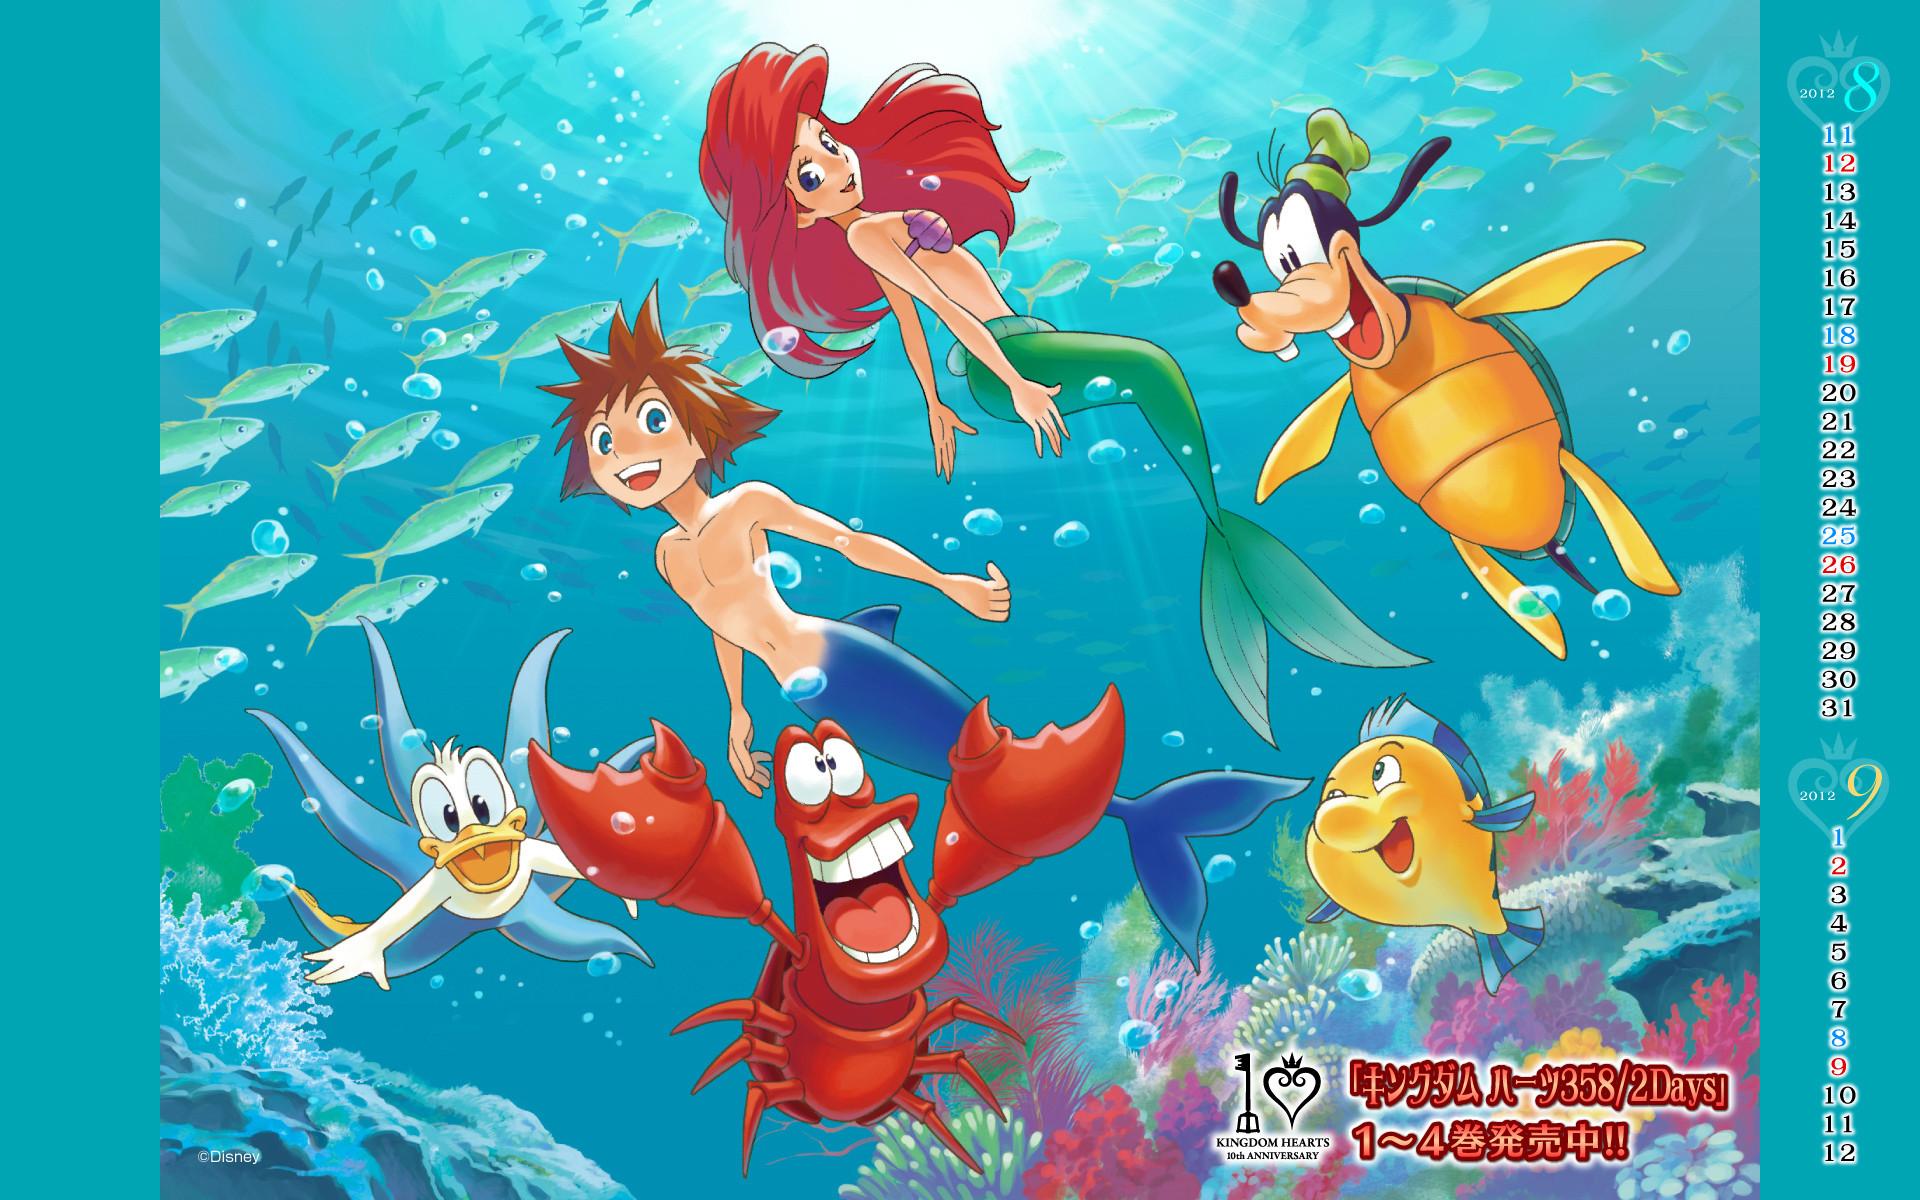 Tags: Anime, Disney, Little Mermaid, MÄR, Little Mermaid (Disney)